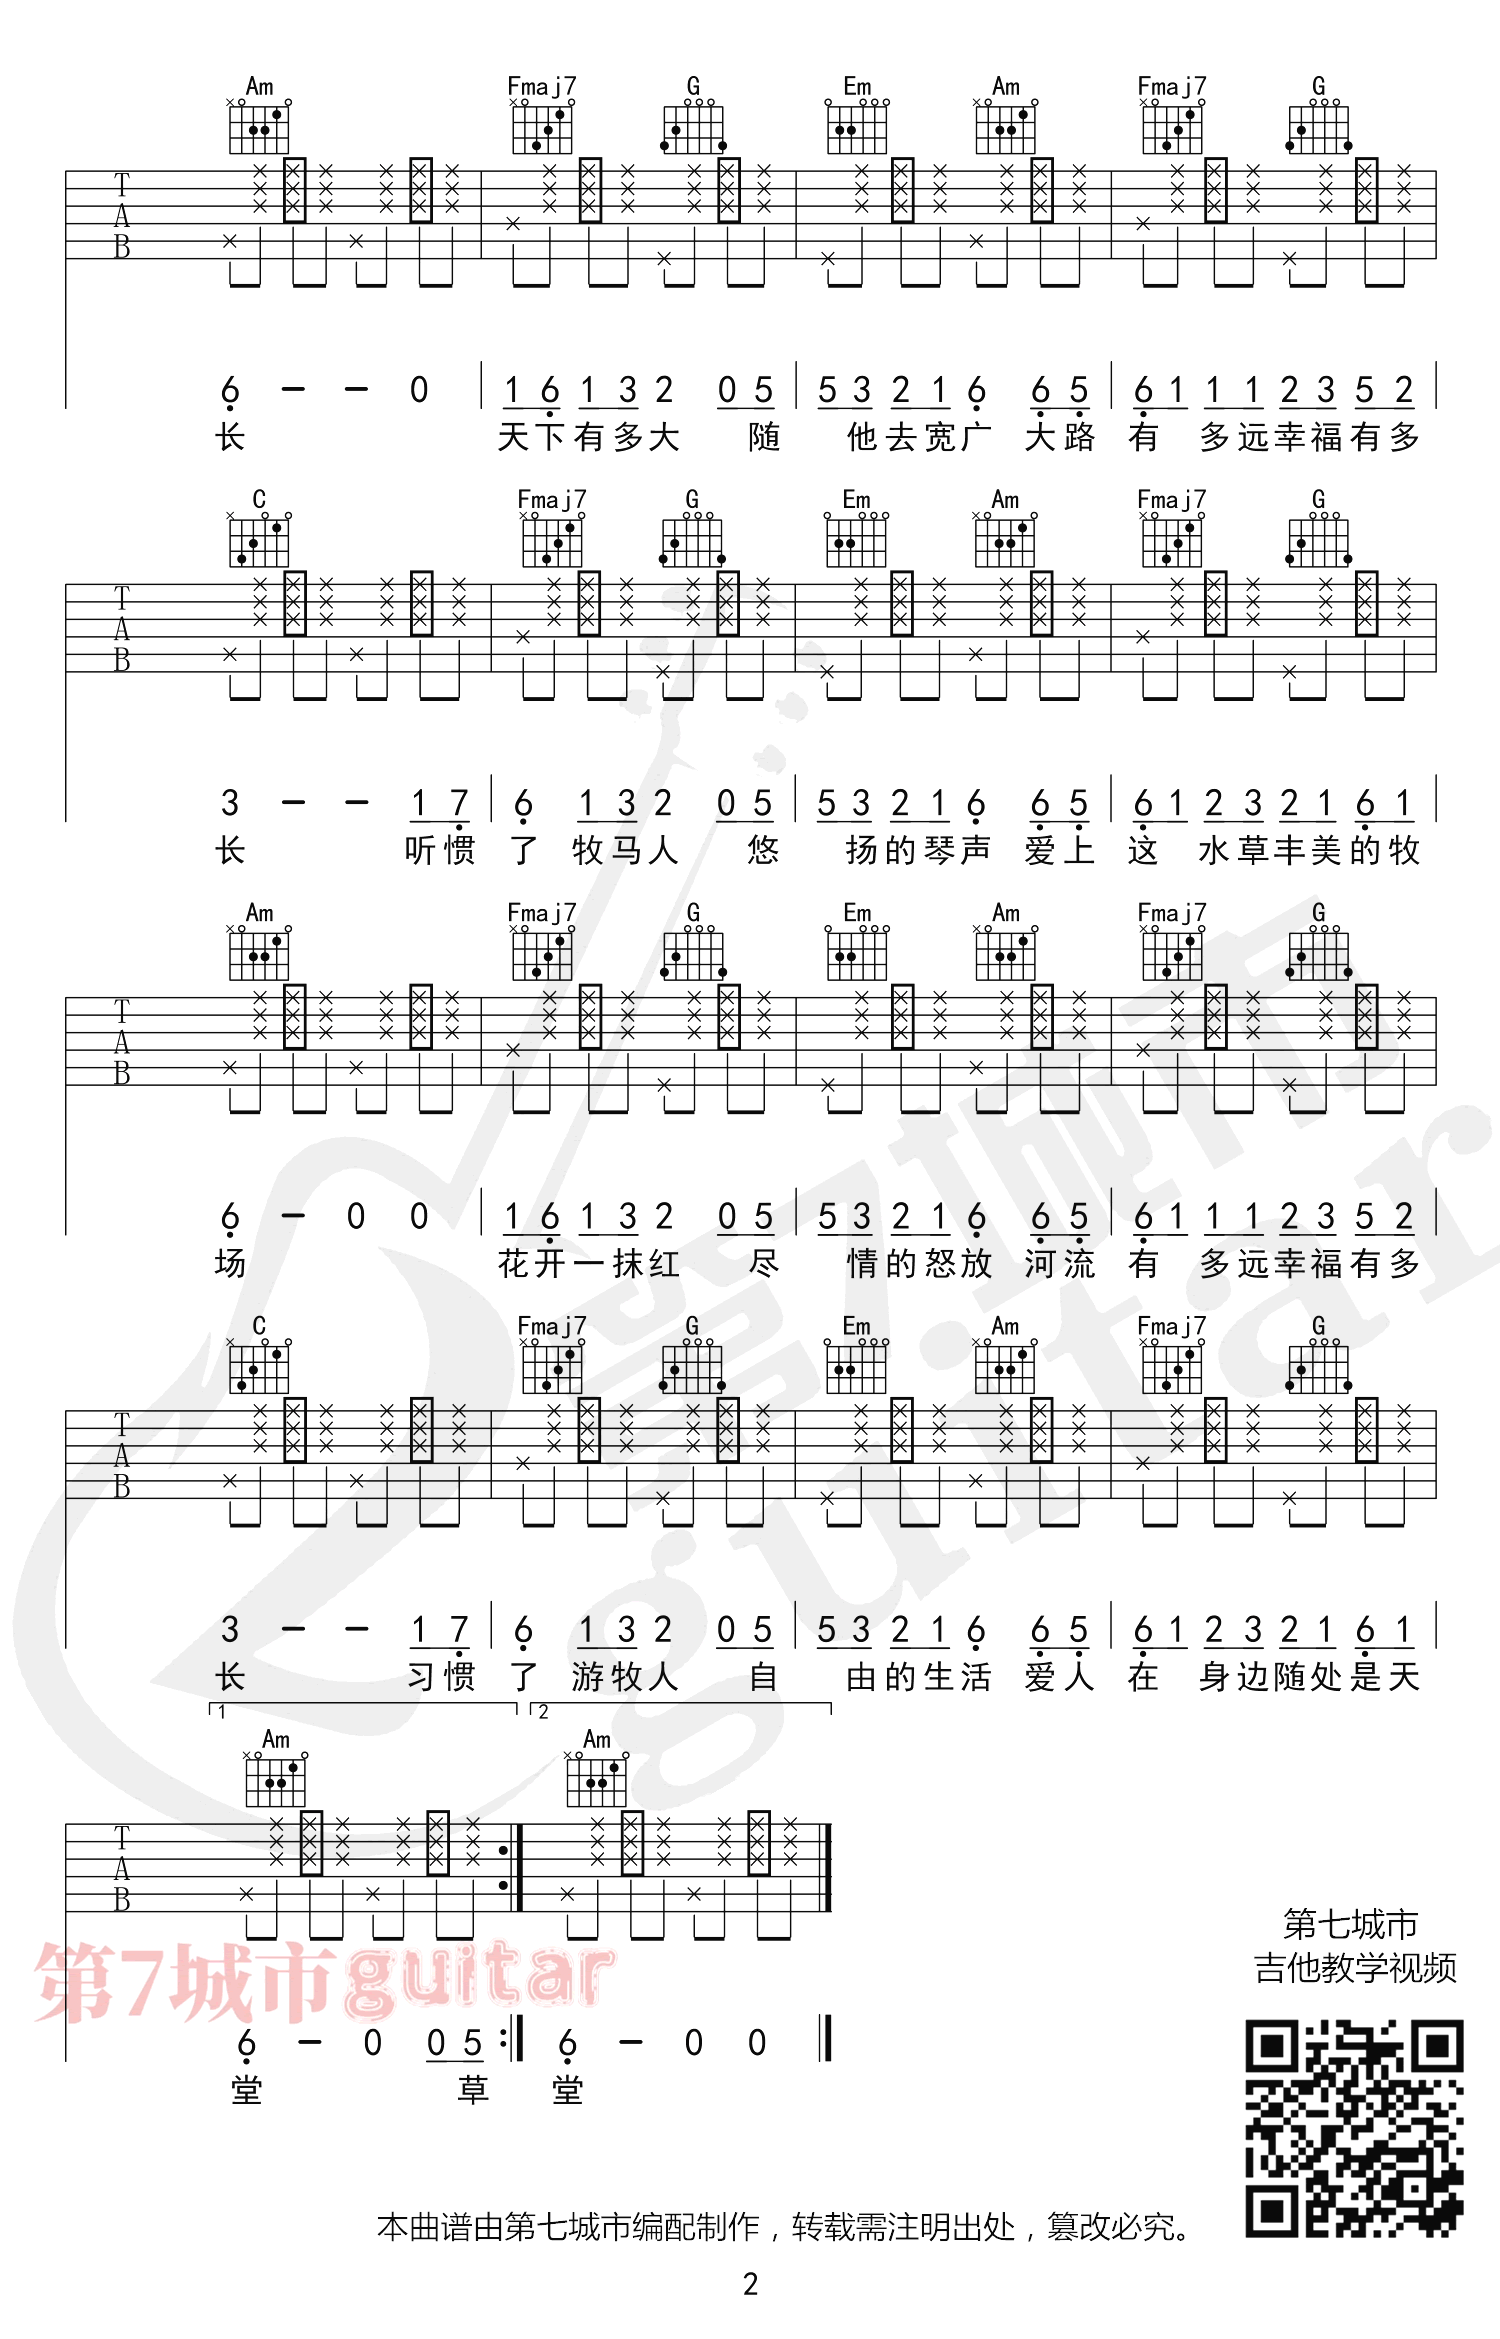 要不要买菜《火红的萨日朗》吉他谱简单版-2